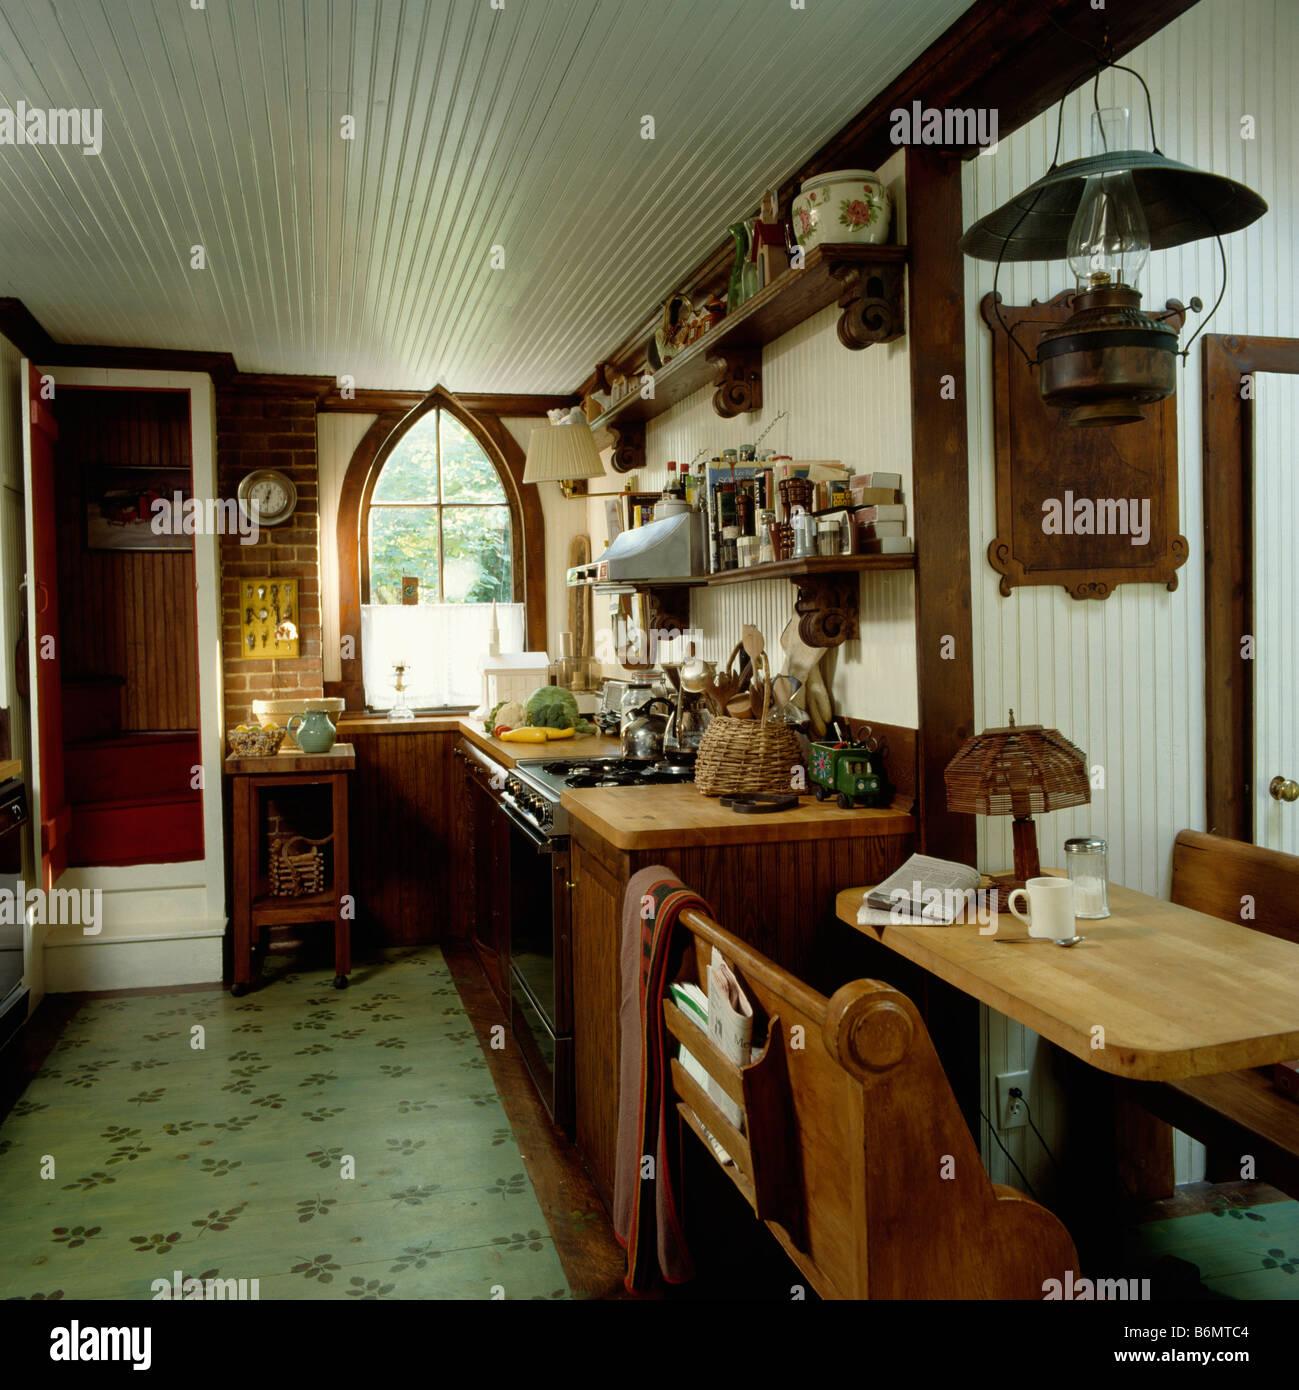 Kleine Kiefer Tisch Und Stuhle Im Landhauskuche Mit Gruner